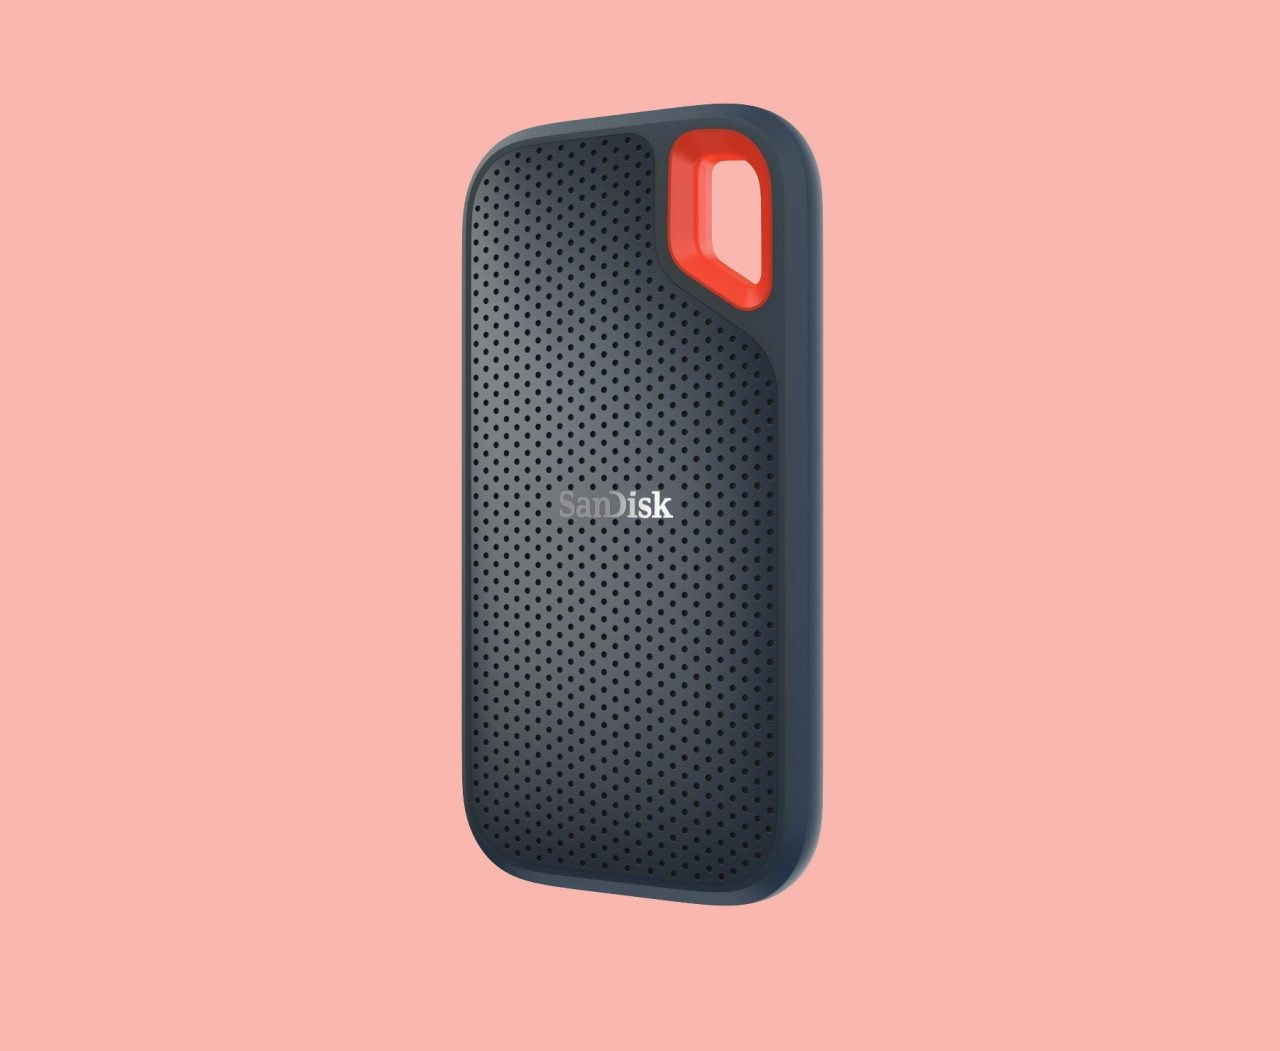 SanDisk Extreme SSD portatile torna in super offerta nella versione da 2 TB